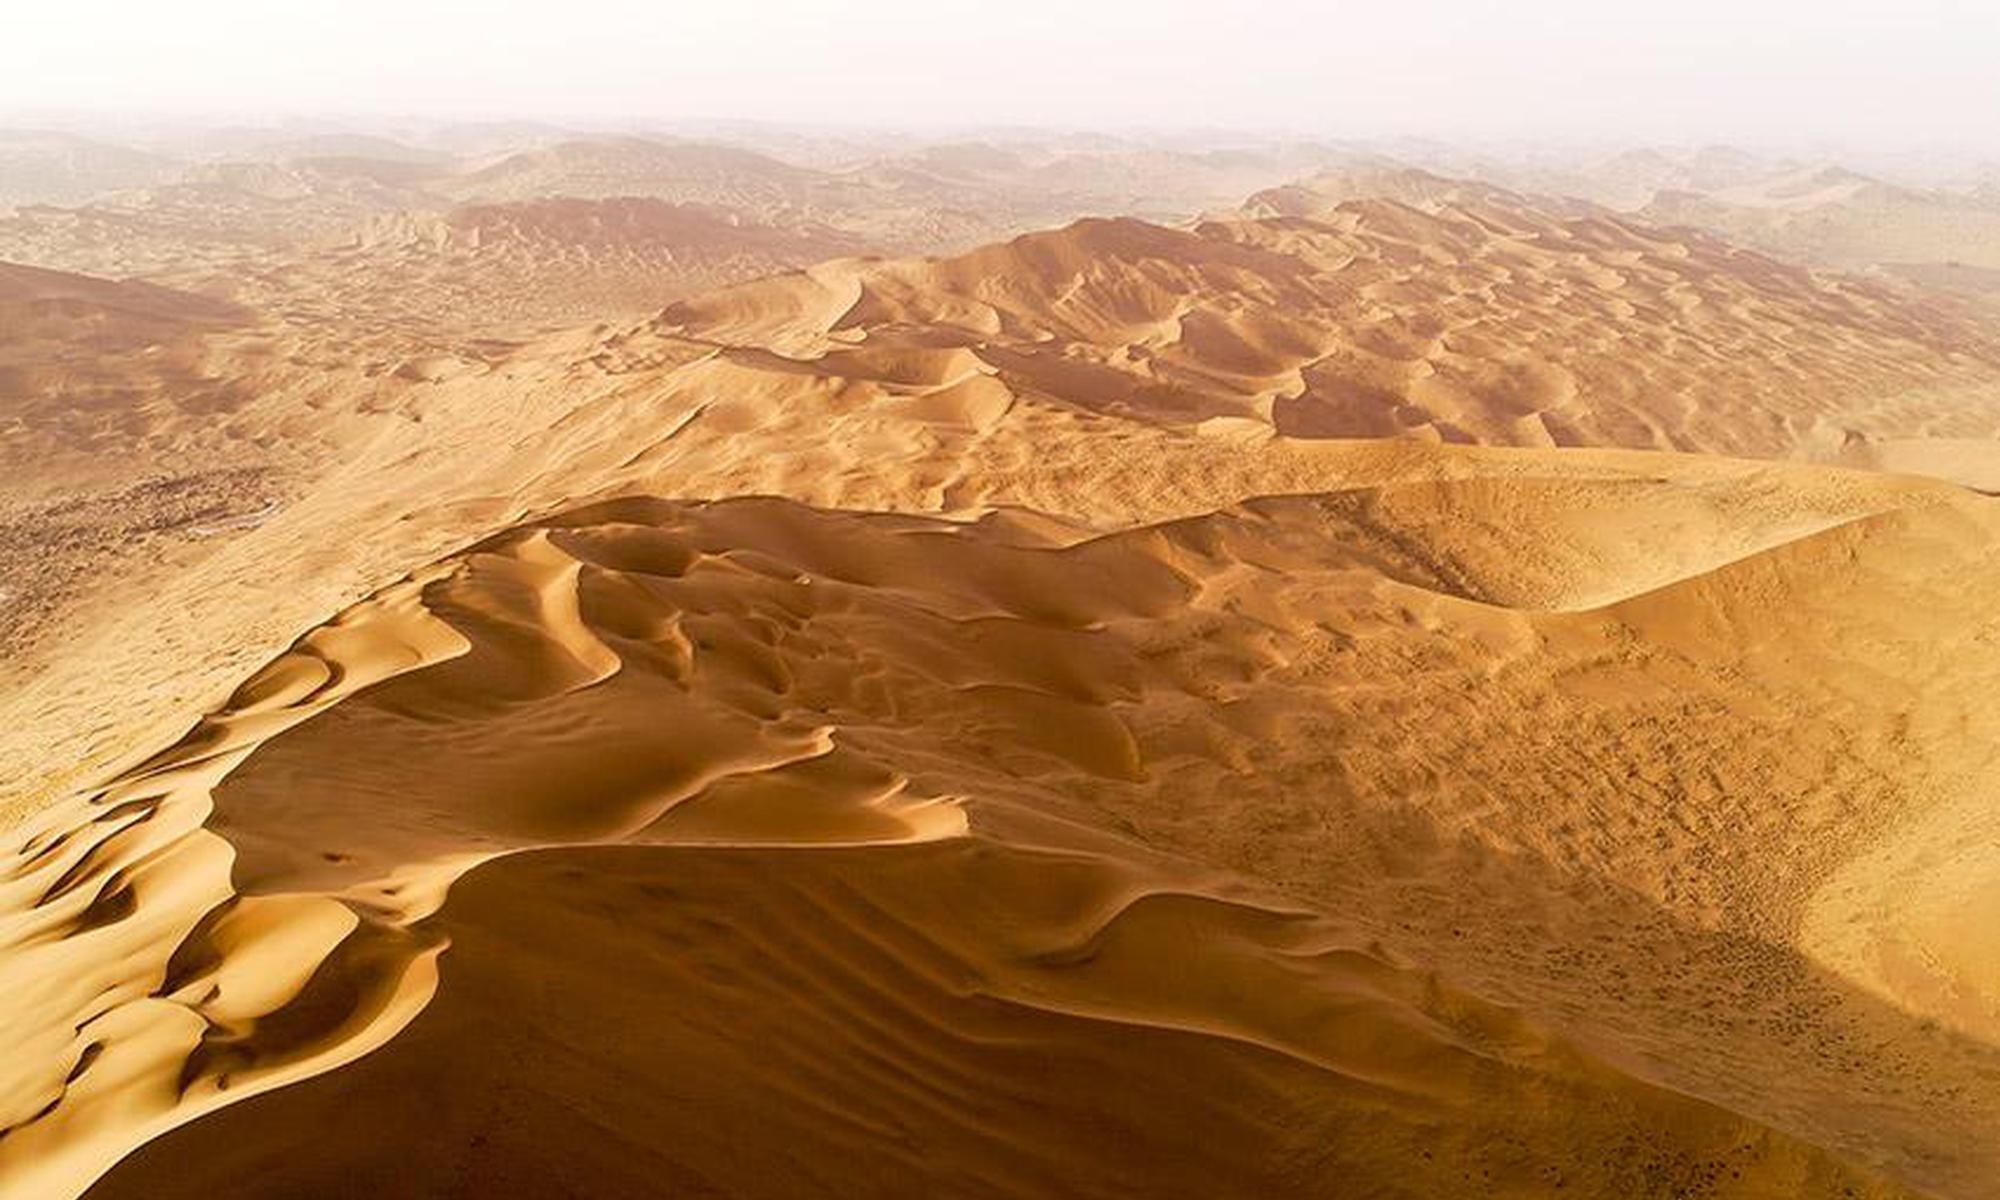 内蒙古阿拉善:沙漠珠峰景色独美